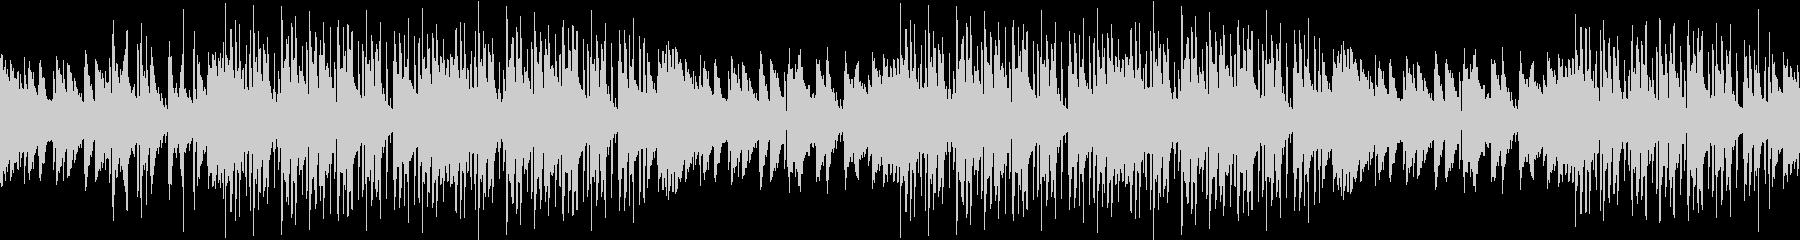 レトロ・お洒落・サブカル・ピアノ・ループの未再生の波形